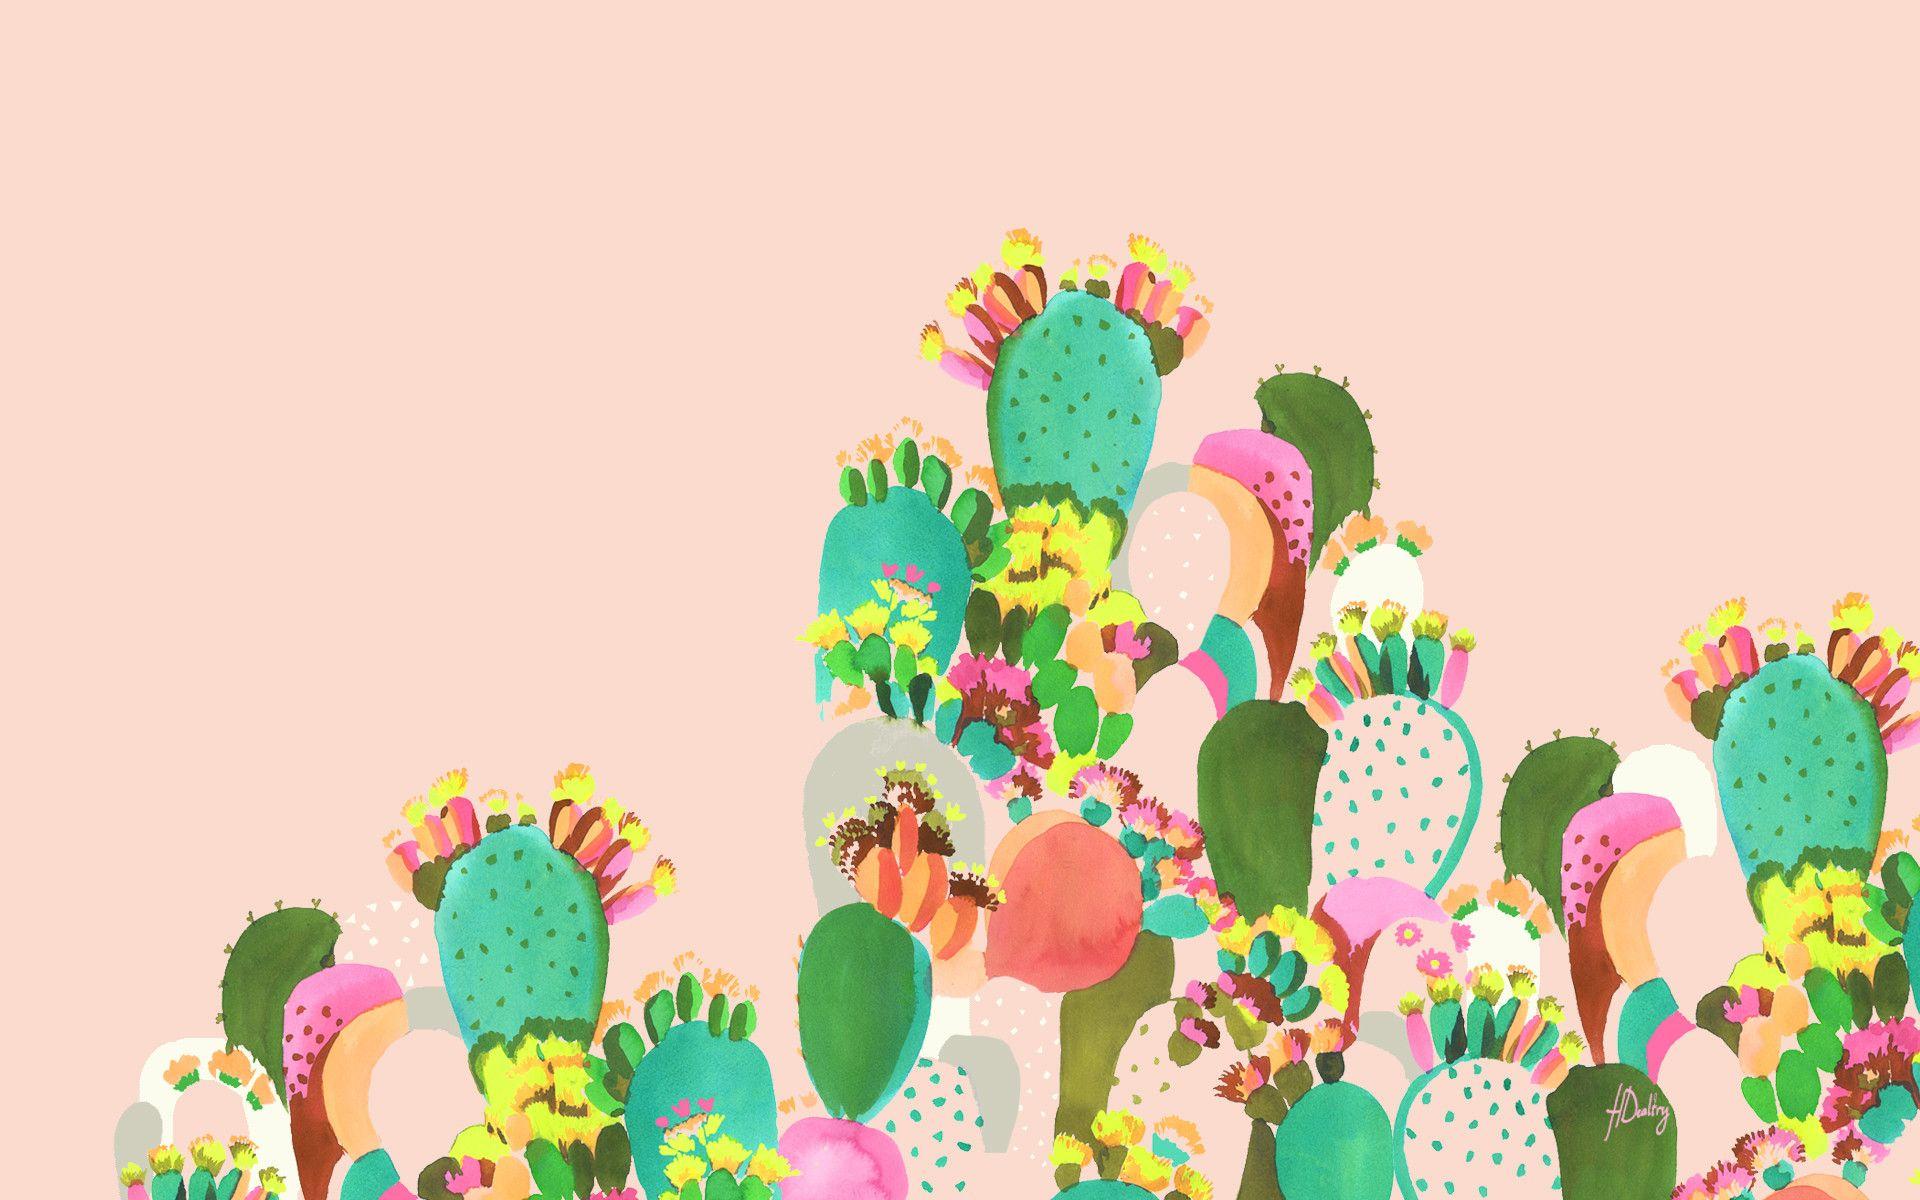 Cool Wallpaper Mac Artsy - 29ab6e8c5bad13e02f3c66469639be50  2018_60999.jpg